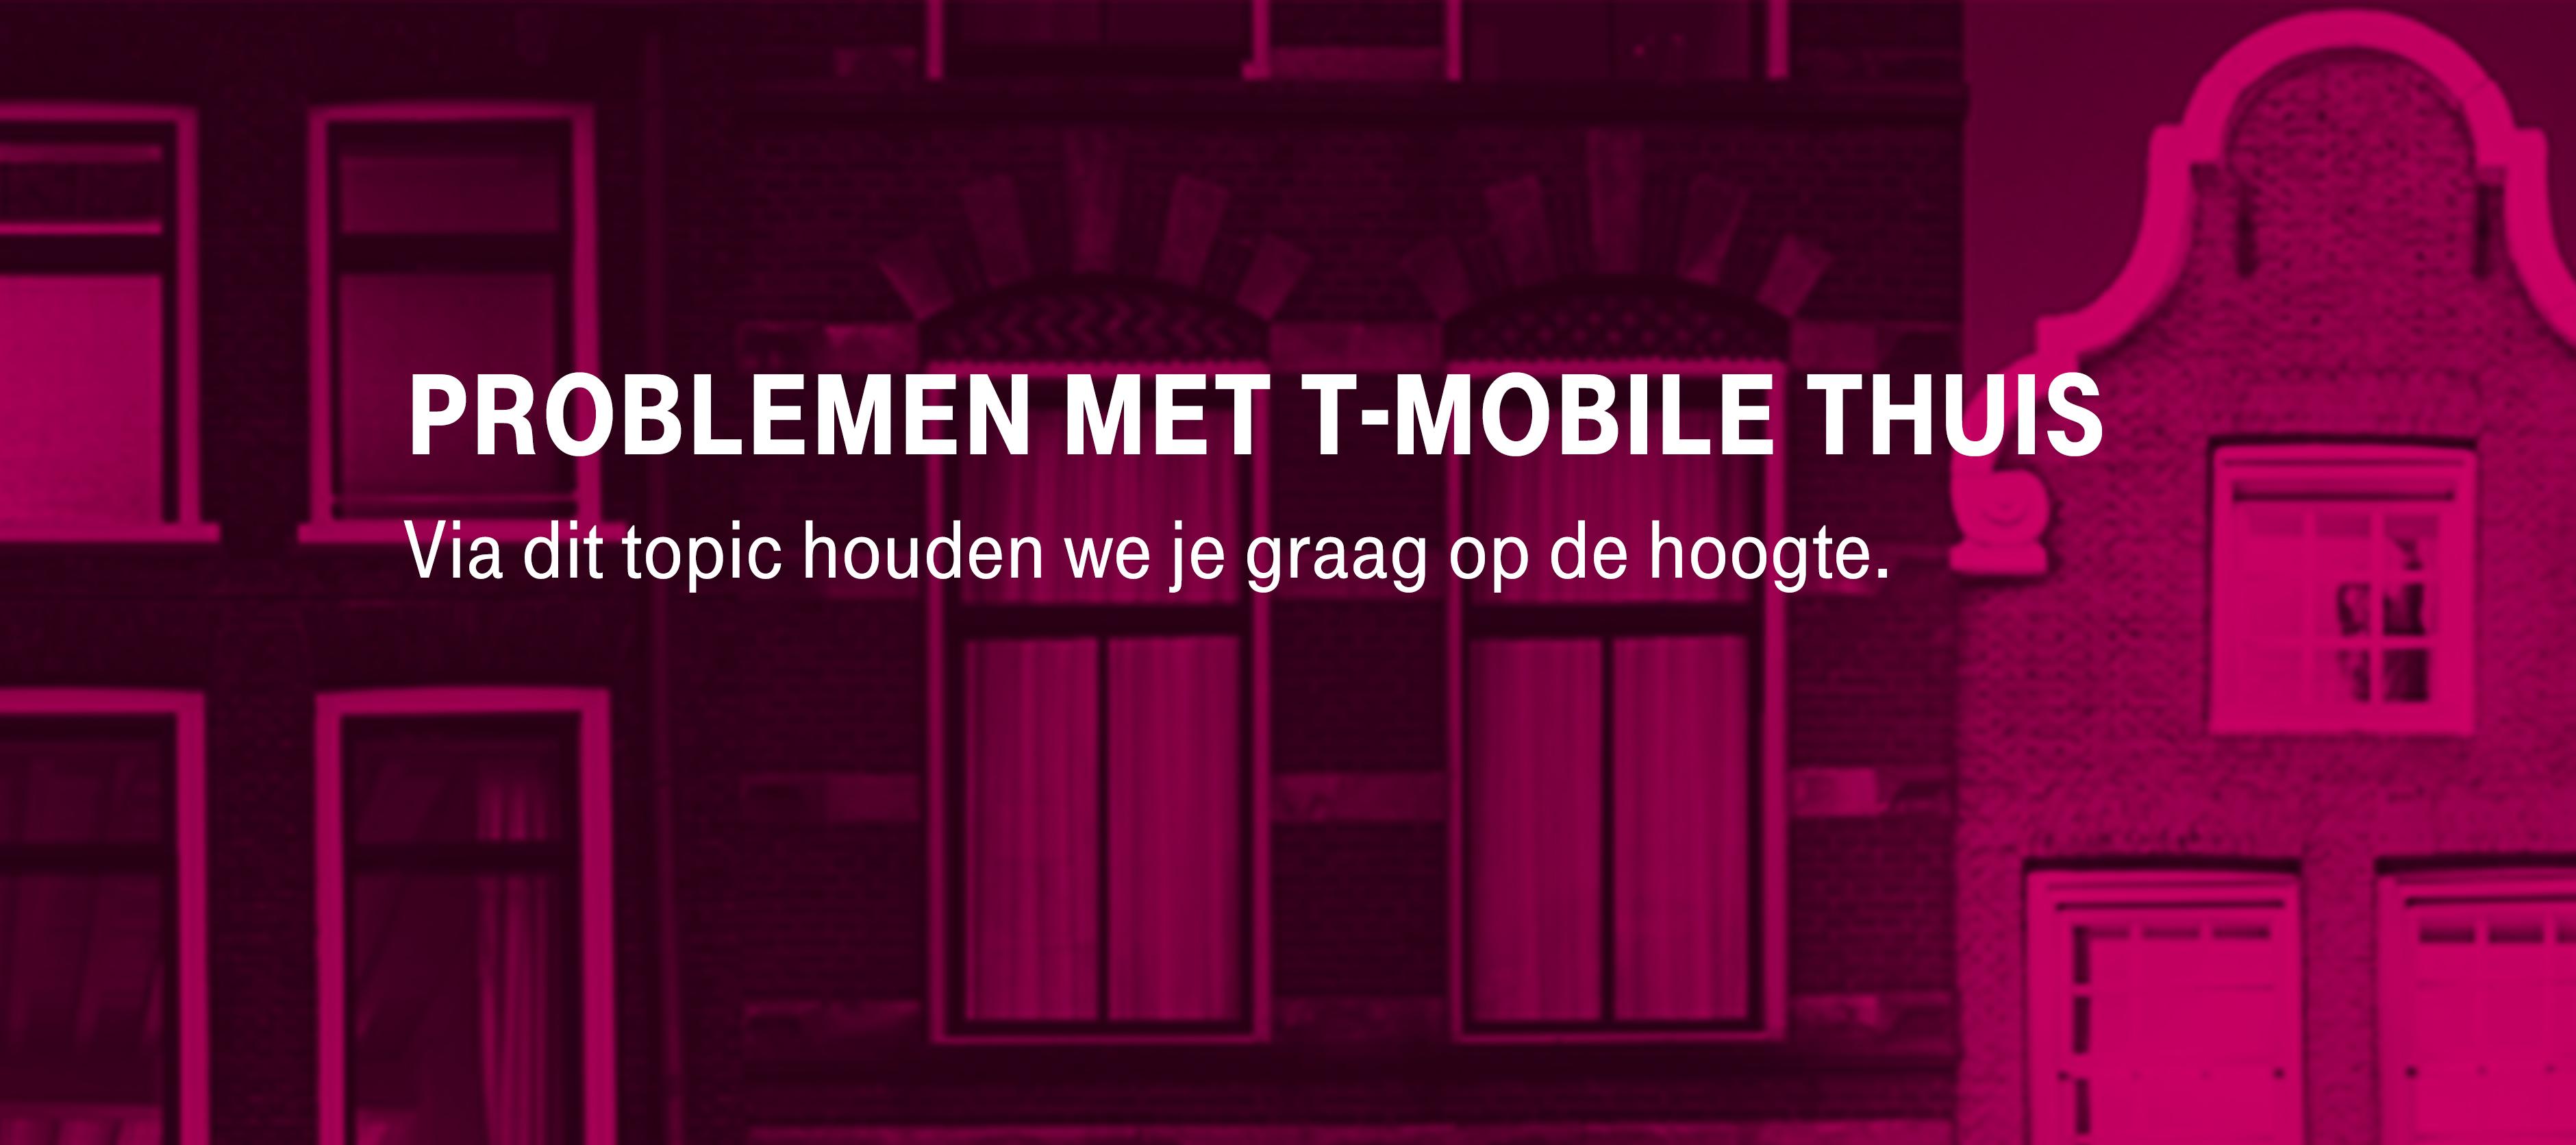 [Opgelost] Problemen Internet, TV en Vast Bellen T-Mobile Thuis 1-10-2021